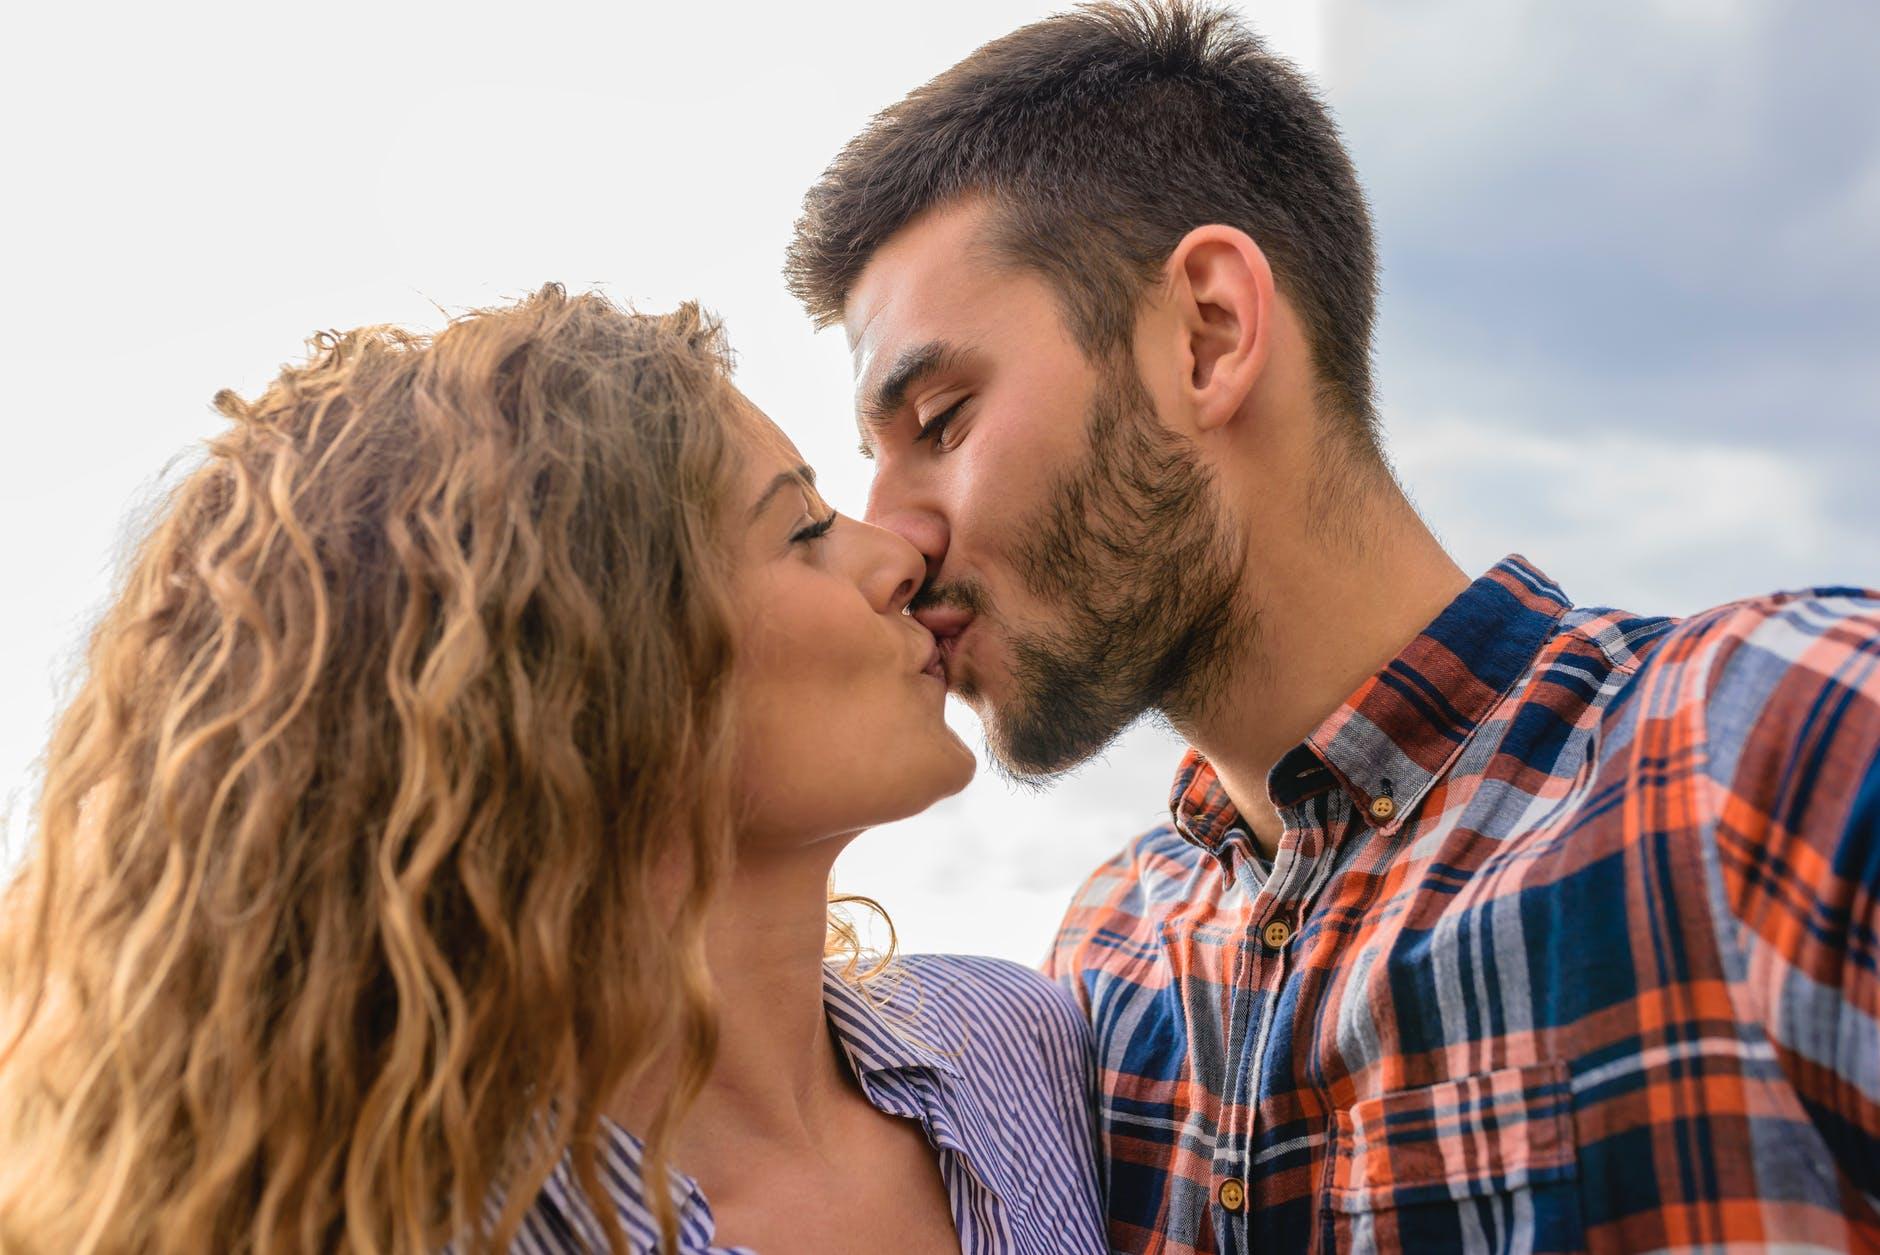 จูบนี้มีความหมาย! ไขข้อข้องใจ จูบส่วนไหนหมายถึงอะไรกันแน่ !? นิยามความรัก ทริคความรัก SEX